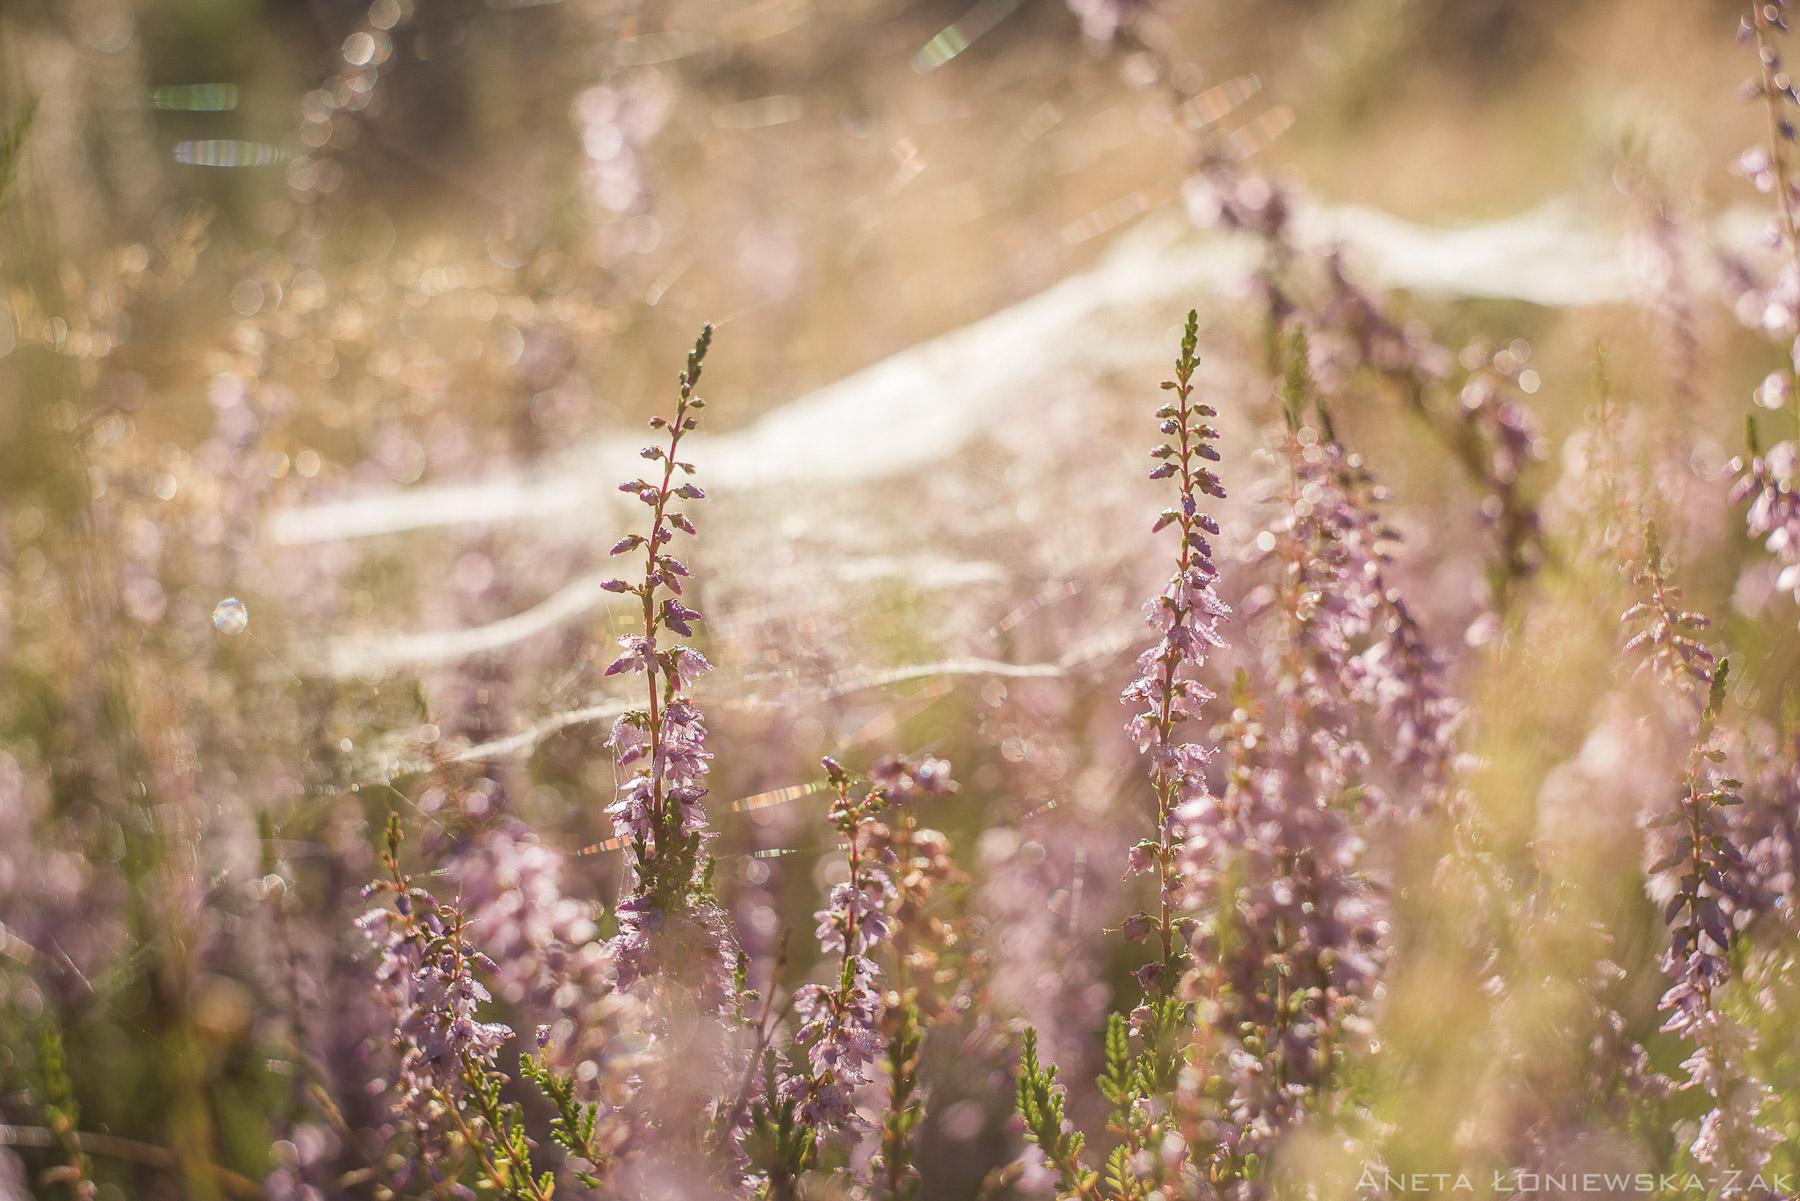 fotografia przyrodnicza, puszcza knyszyńska, podlasie, pkpk, calluna vulgaris